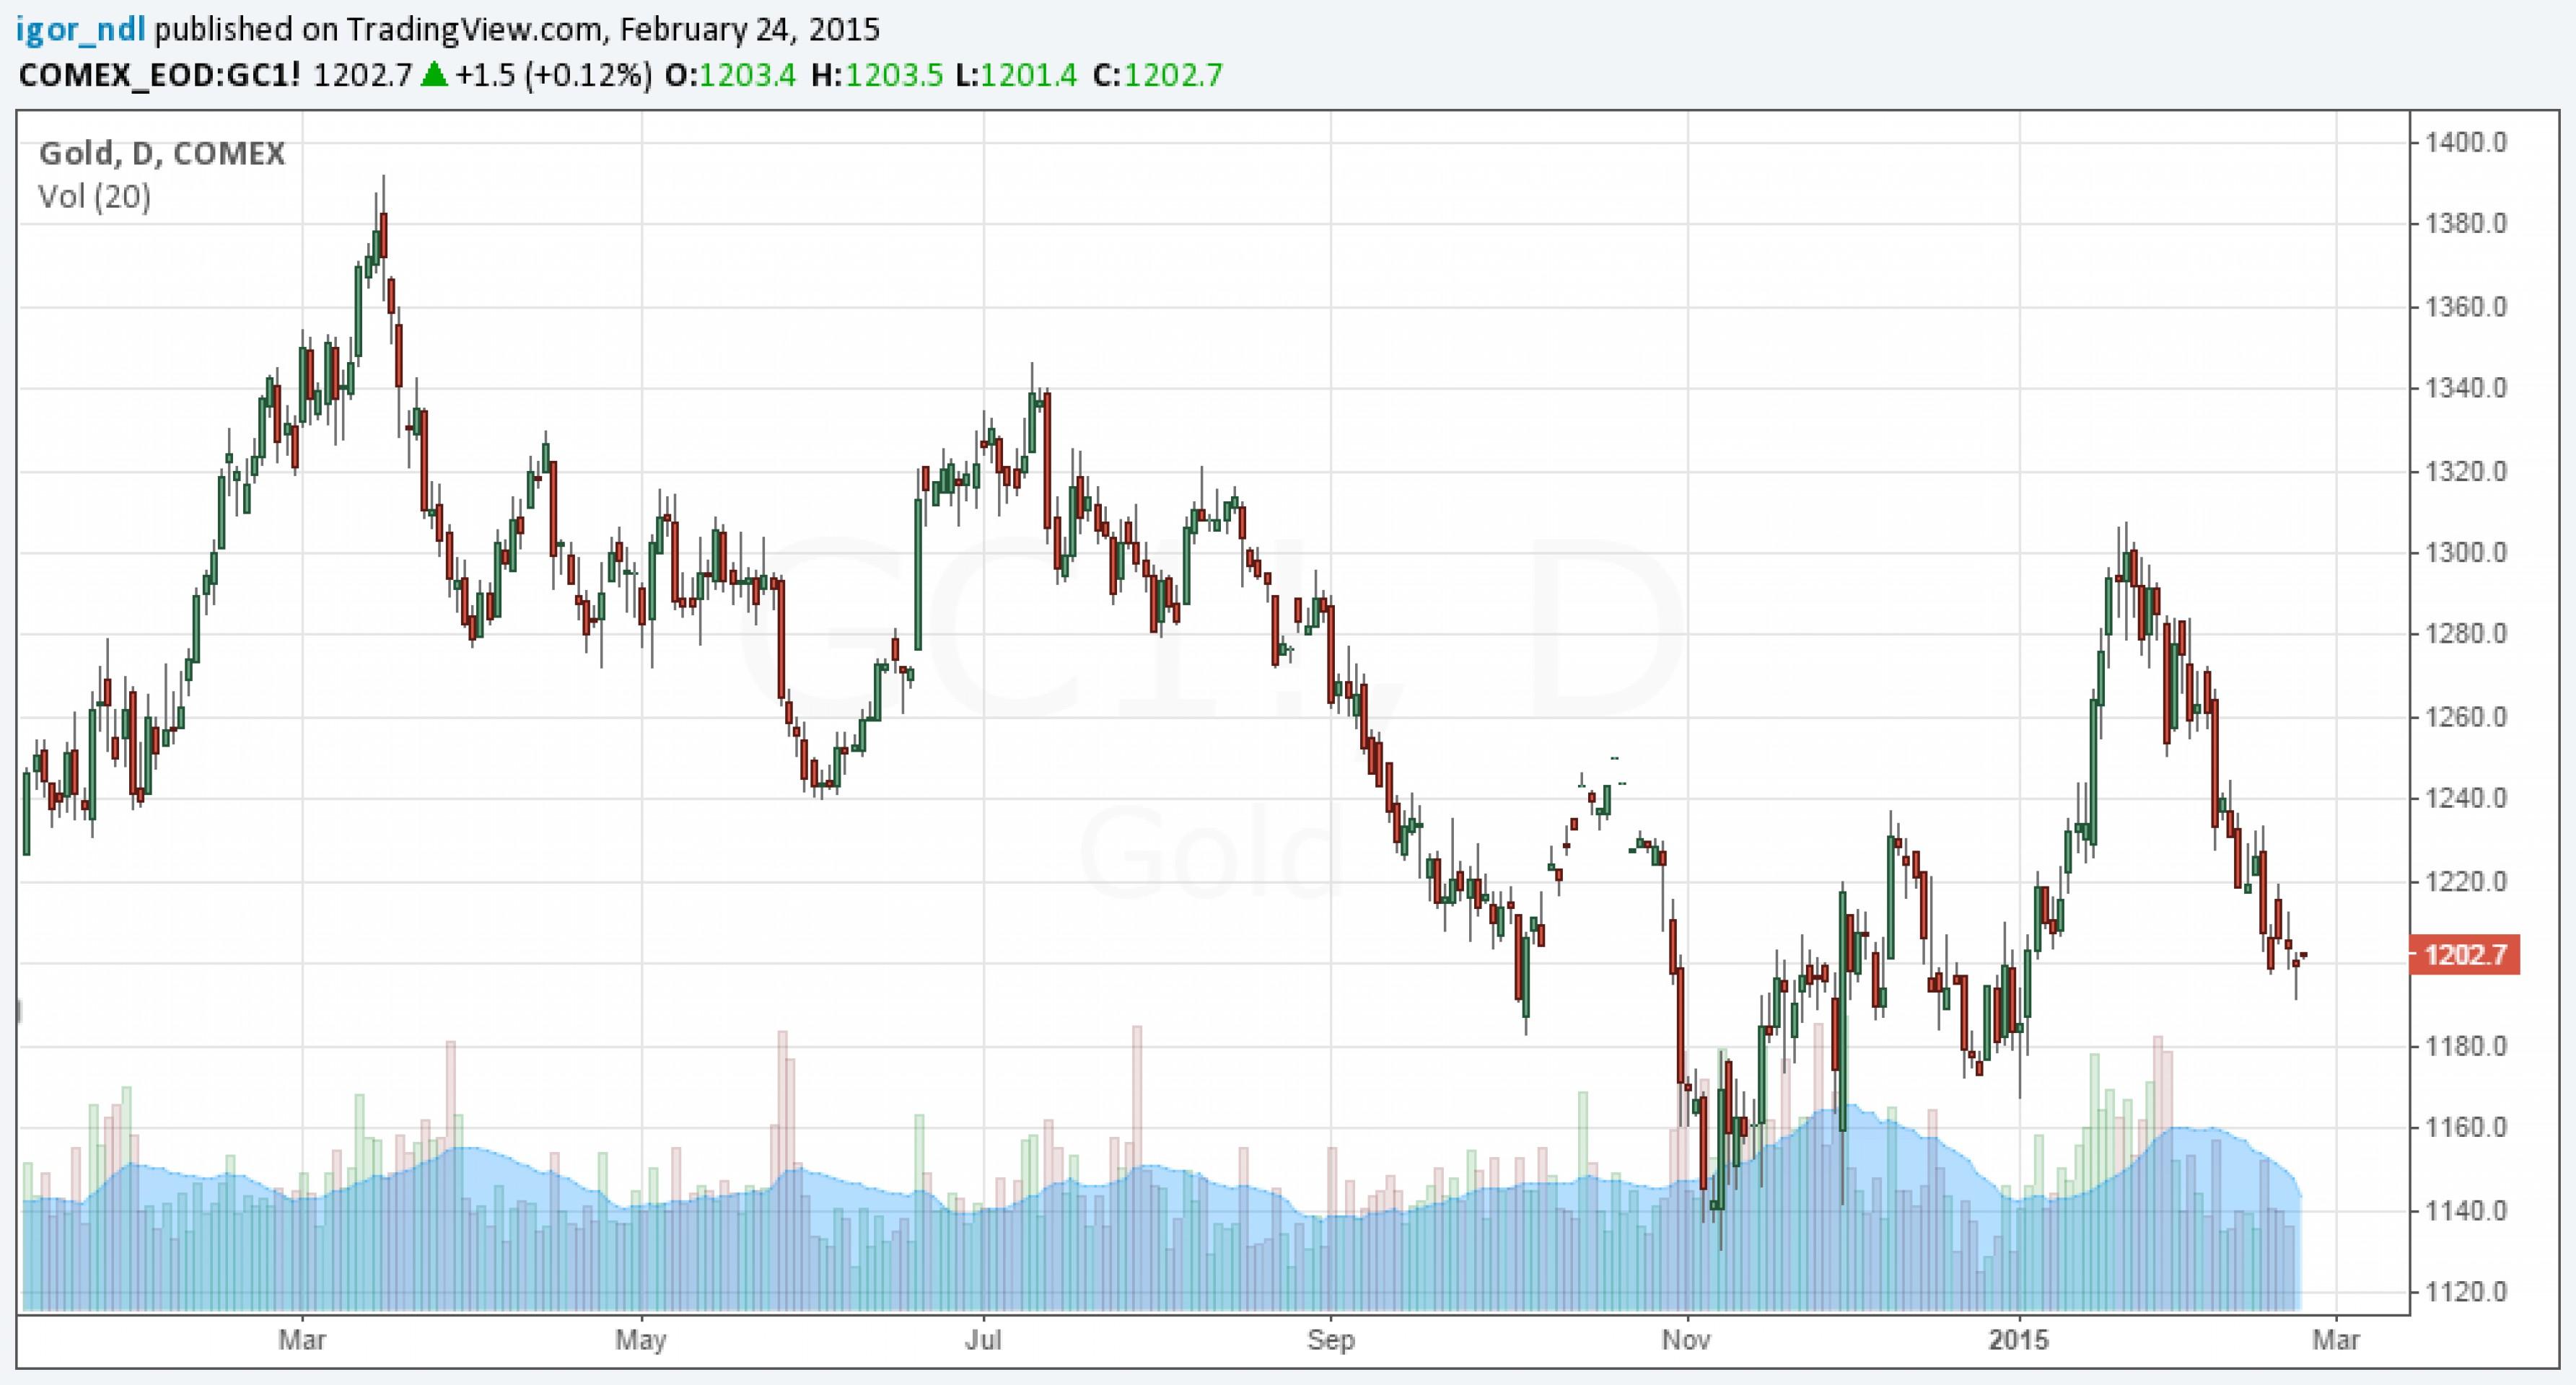 Гринспен предупреждает: на рынки надвигается буря